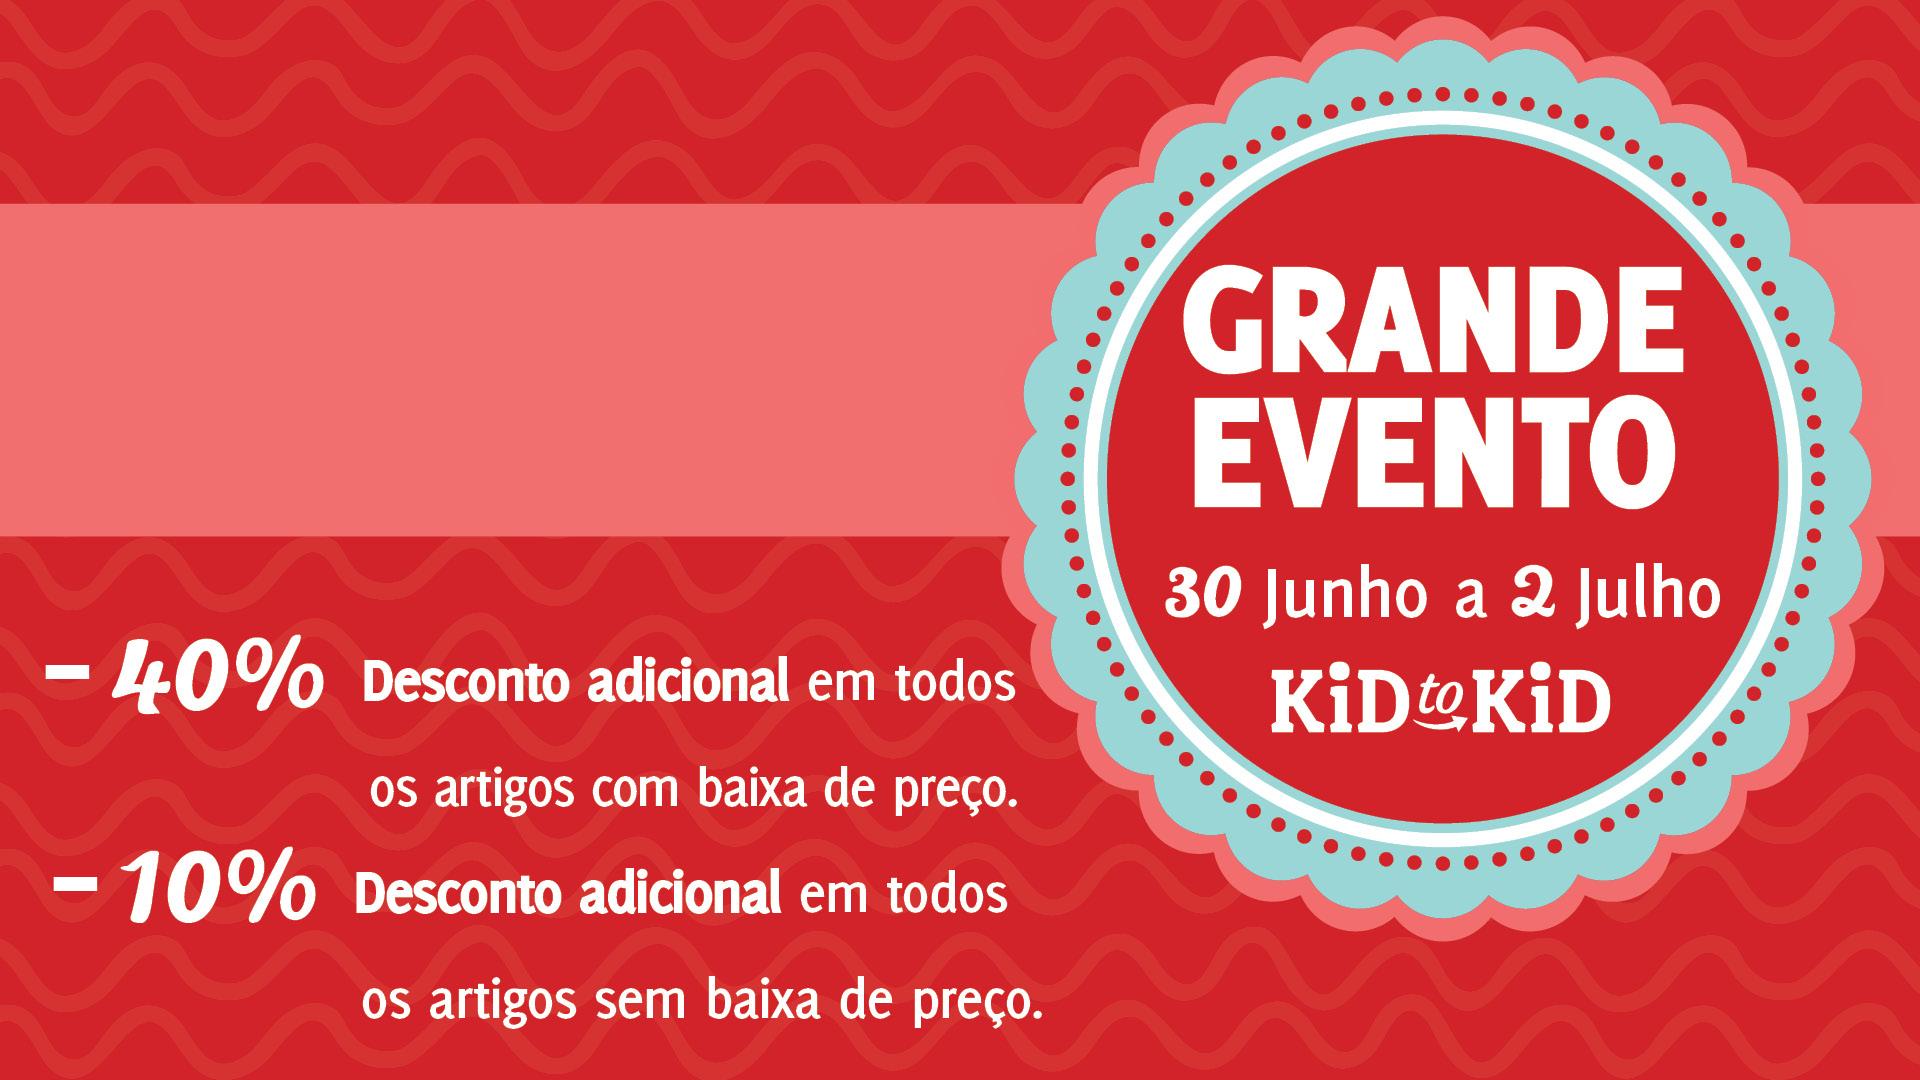 'Grande Evento' da Kid to Kid começa dia 30 de junho